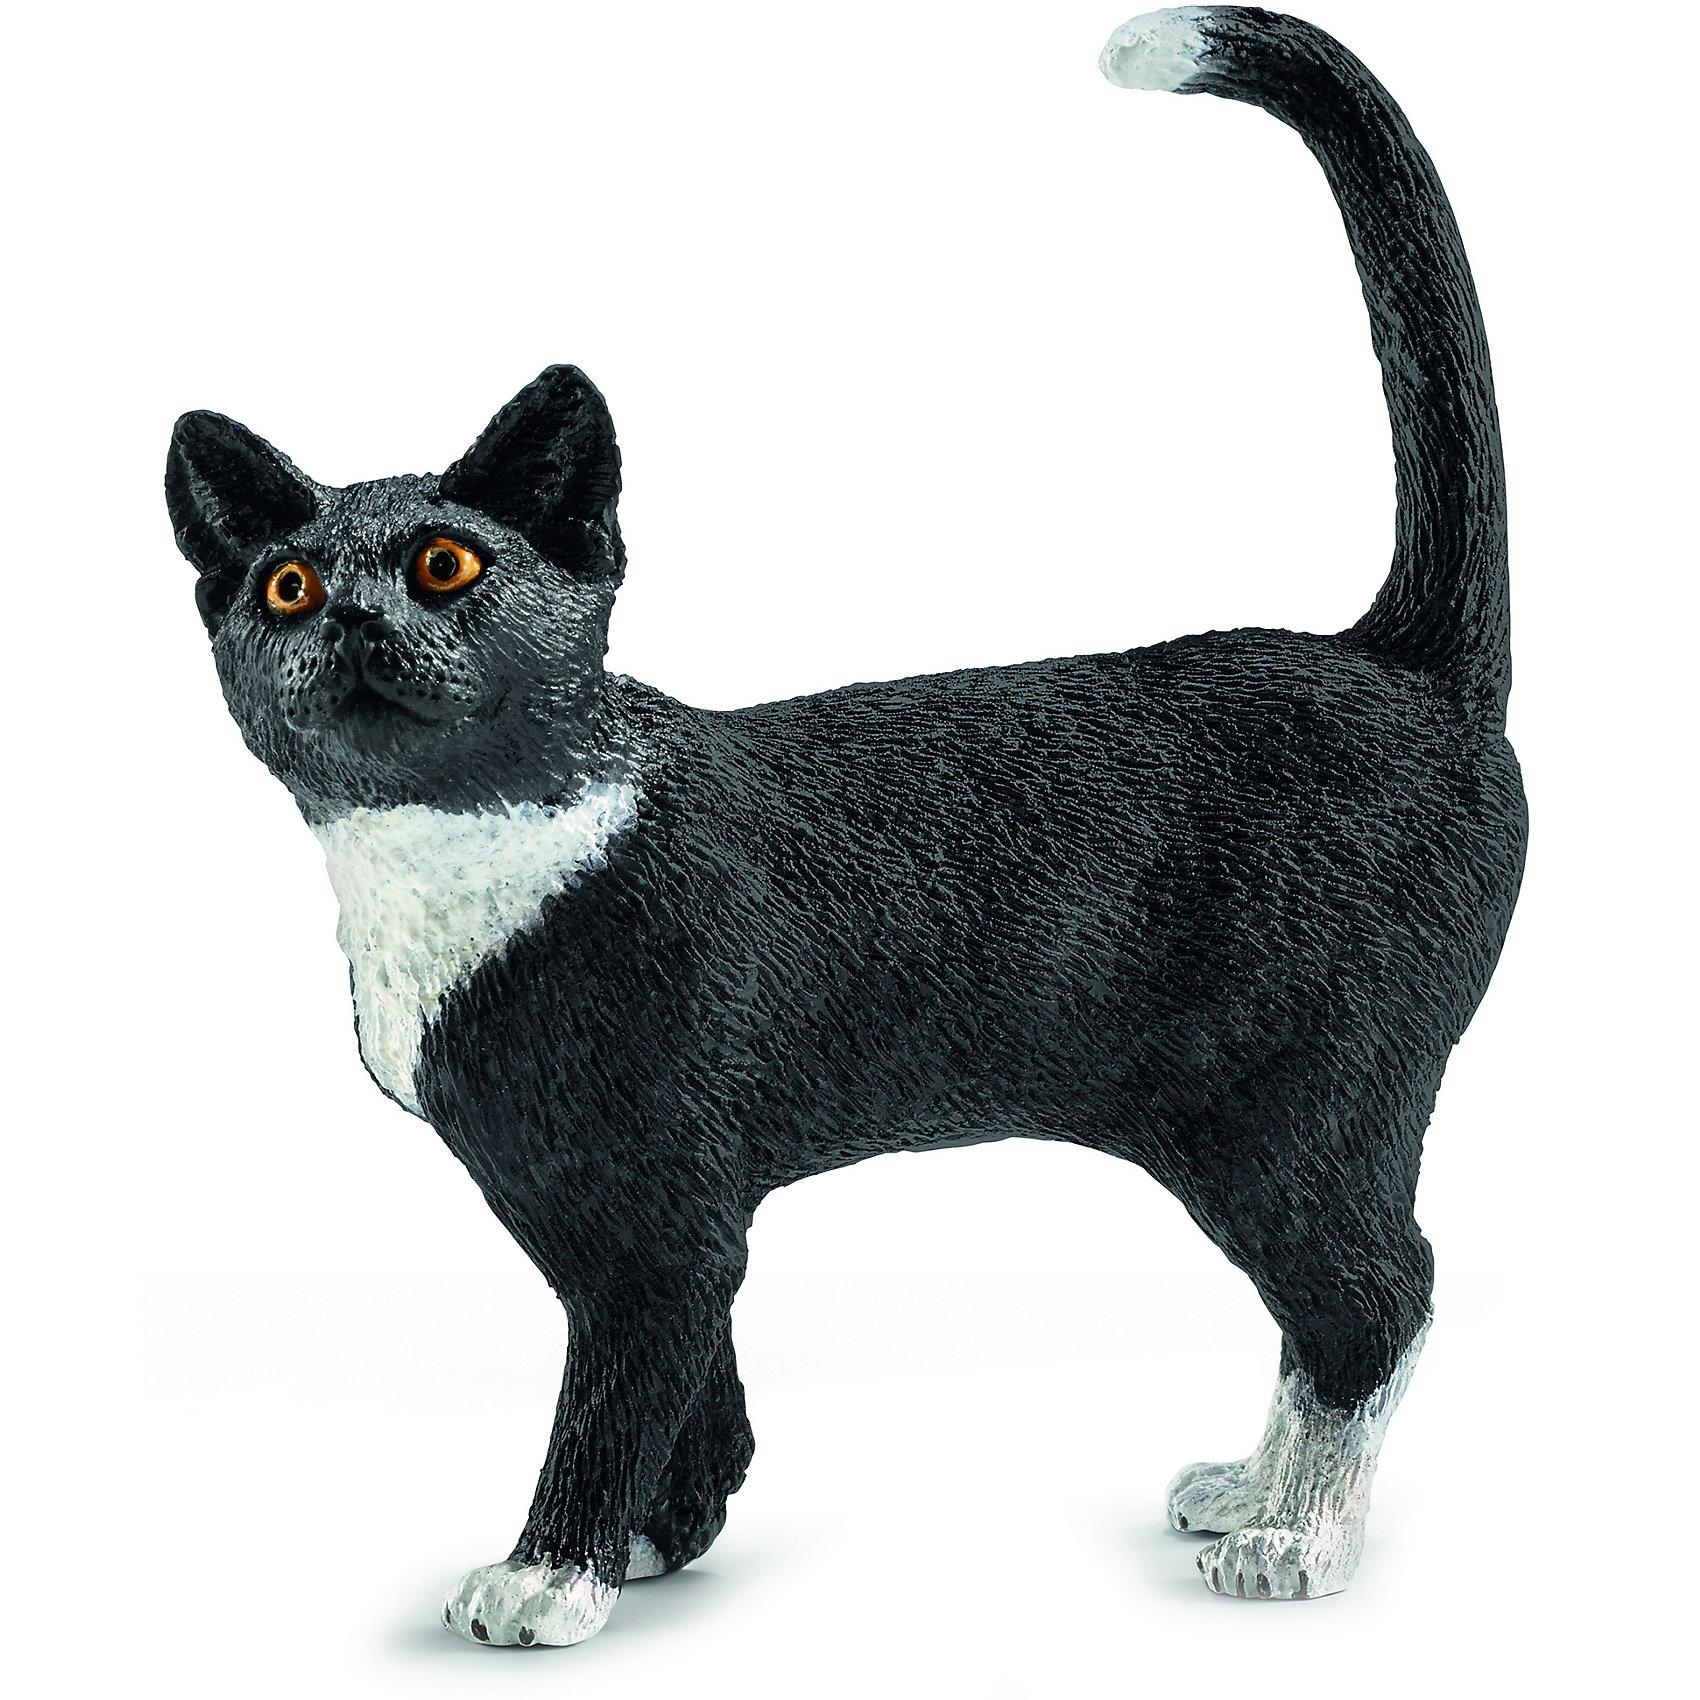 Кошка, SchleichМир животных<br>Кошка, Schleich (Шляйх) – это высококачественная коллекционная и игровая фигурка.<br>Очаровательная фигурка кошки прекрасно разнообразит игру вашего ребенка и станет отличным пополнением коллекции его фигурок домашних животных. Кошка – излюбленное и самое распространенное на земле животное, живущее в непосредственной близости к человеку. Не стоит забывать и об удивительной нежности и ласке, которую способны проявлять кошки. Ни один дом, ни одна ферма или хозяйство не обойдутся без этого животного, вносящего уют и покой в жилище человека. Игрушка выполнена в виде милой кошечки, которая стоит на четырех лапках. Основной цвет игрушки – черный. Шейка, лапки и кончик хвостика у кошки – белые. У нее яркие горящие глазки и приподнятая вверх мордочка. <br>Прекрасно выполненные фигурки Schleich (Шляйх) являются максимально точной копией настоящих животных и отличаются высочайшим качеством игрушек ручной работы. Каждая фигурка разработана с учетом исследований в области педагогики и производится как настоящее произведение для маленьких детских ручек. Все фигурки Schleich (Шляйх) сделаны из гипоаллергенных высокотехнологичных материалов, раскрашены вручную и не вызывают аллергии у ребенка.<br><br>Дополнительная информация:<br><br>- Размер фигурки: 6 x 5,5 x 2 см.<br>- Материал: высококачественный каучуковый пластик<br><br>Фигурку Кошки, Schleich (Шляйх) можно купить в нашем интернет-магазине.<br><br>Ширина мм: 67<br>Глубина мм: 2<br>Высота мм: 17<br>Вес г: 17<br>Возраст от месяцев: 36<br>Возраст до месяцев: 96<br>Пол: Унисекс<br>Возраст: Детский<br>SKU: 3902495